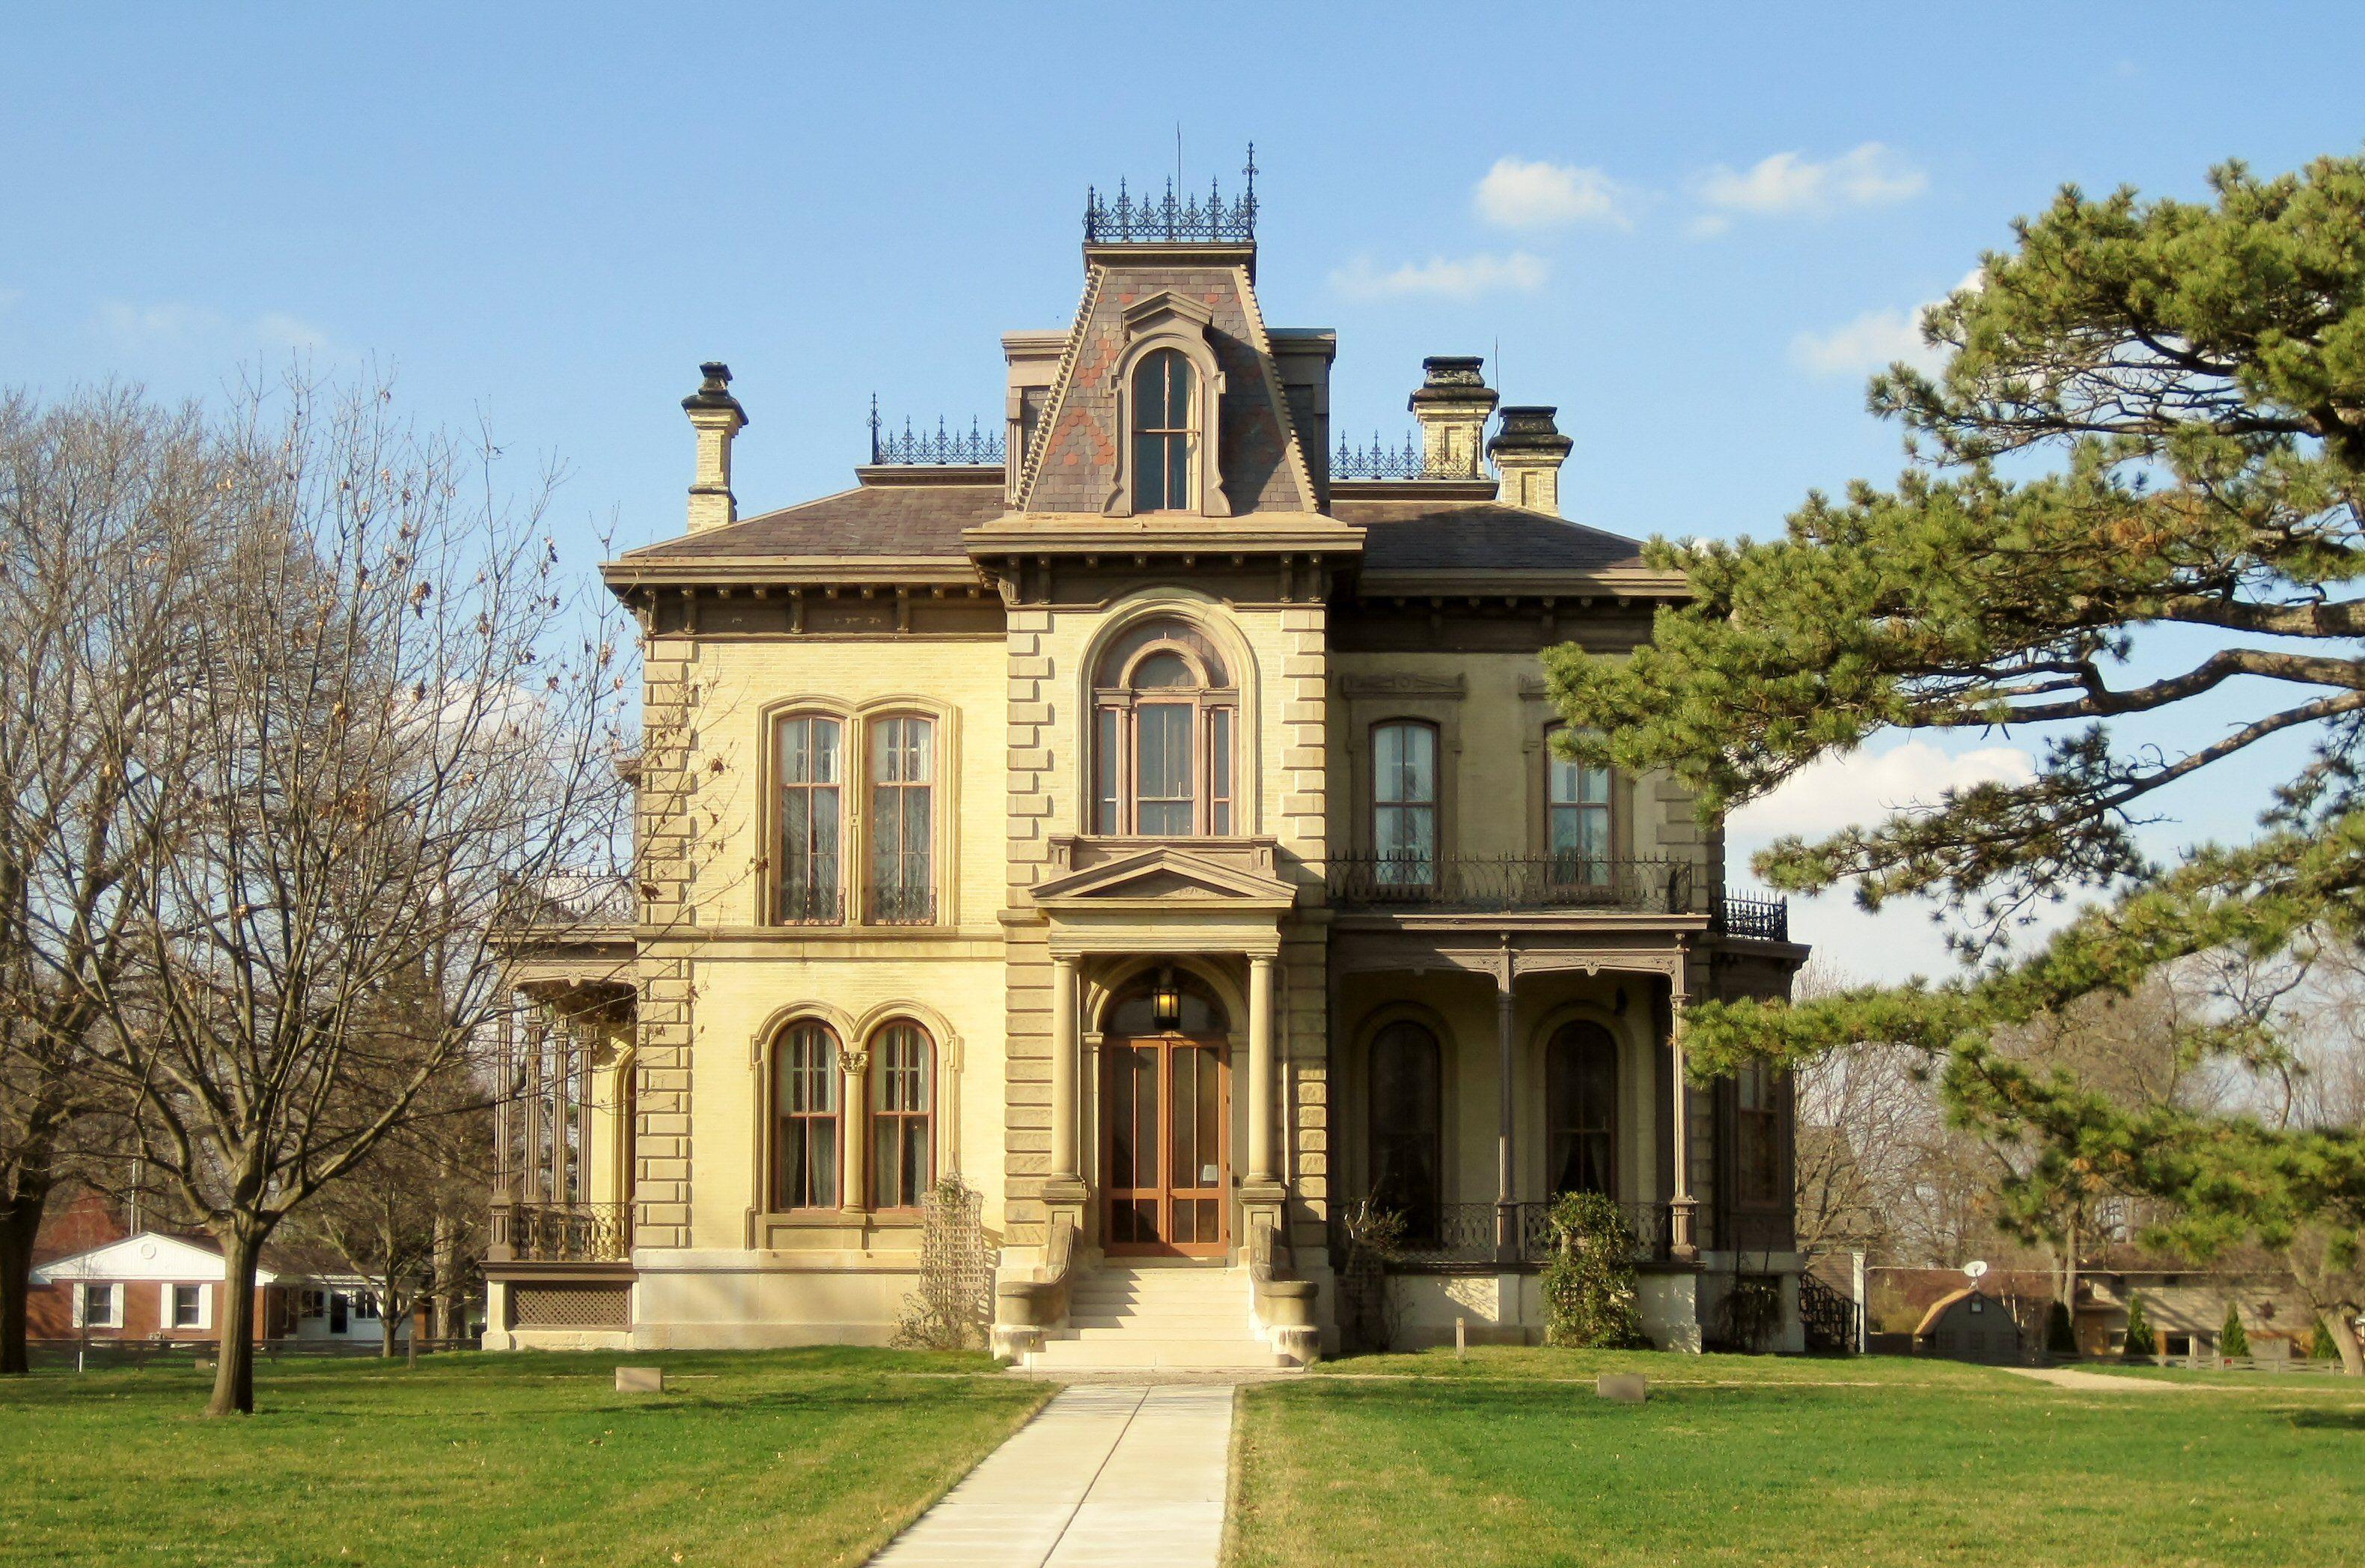 architecture-Italianate-Clover-Lawn-Teemu08-WC-crop-5ae74f723418c6003794d00e.jpg